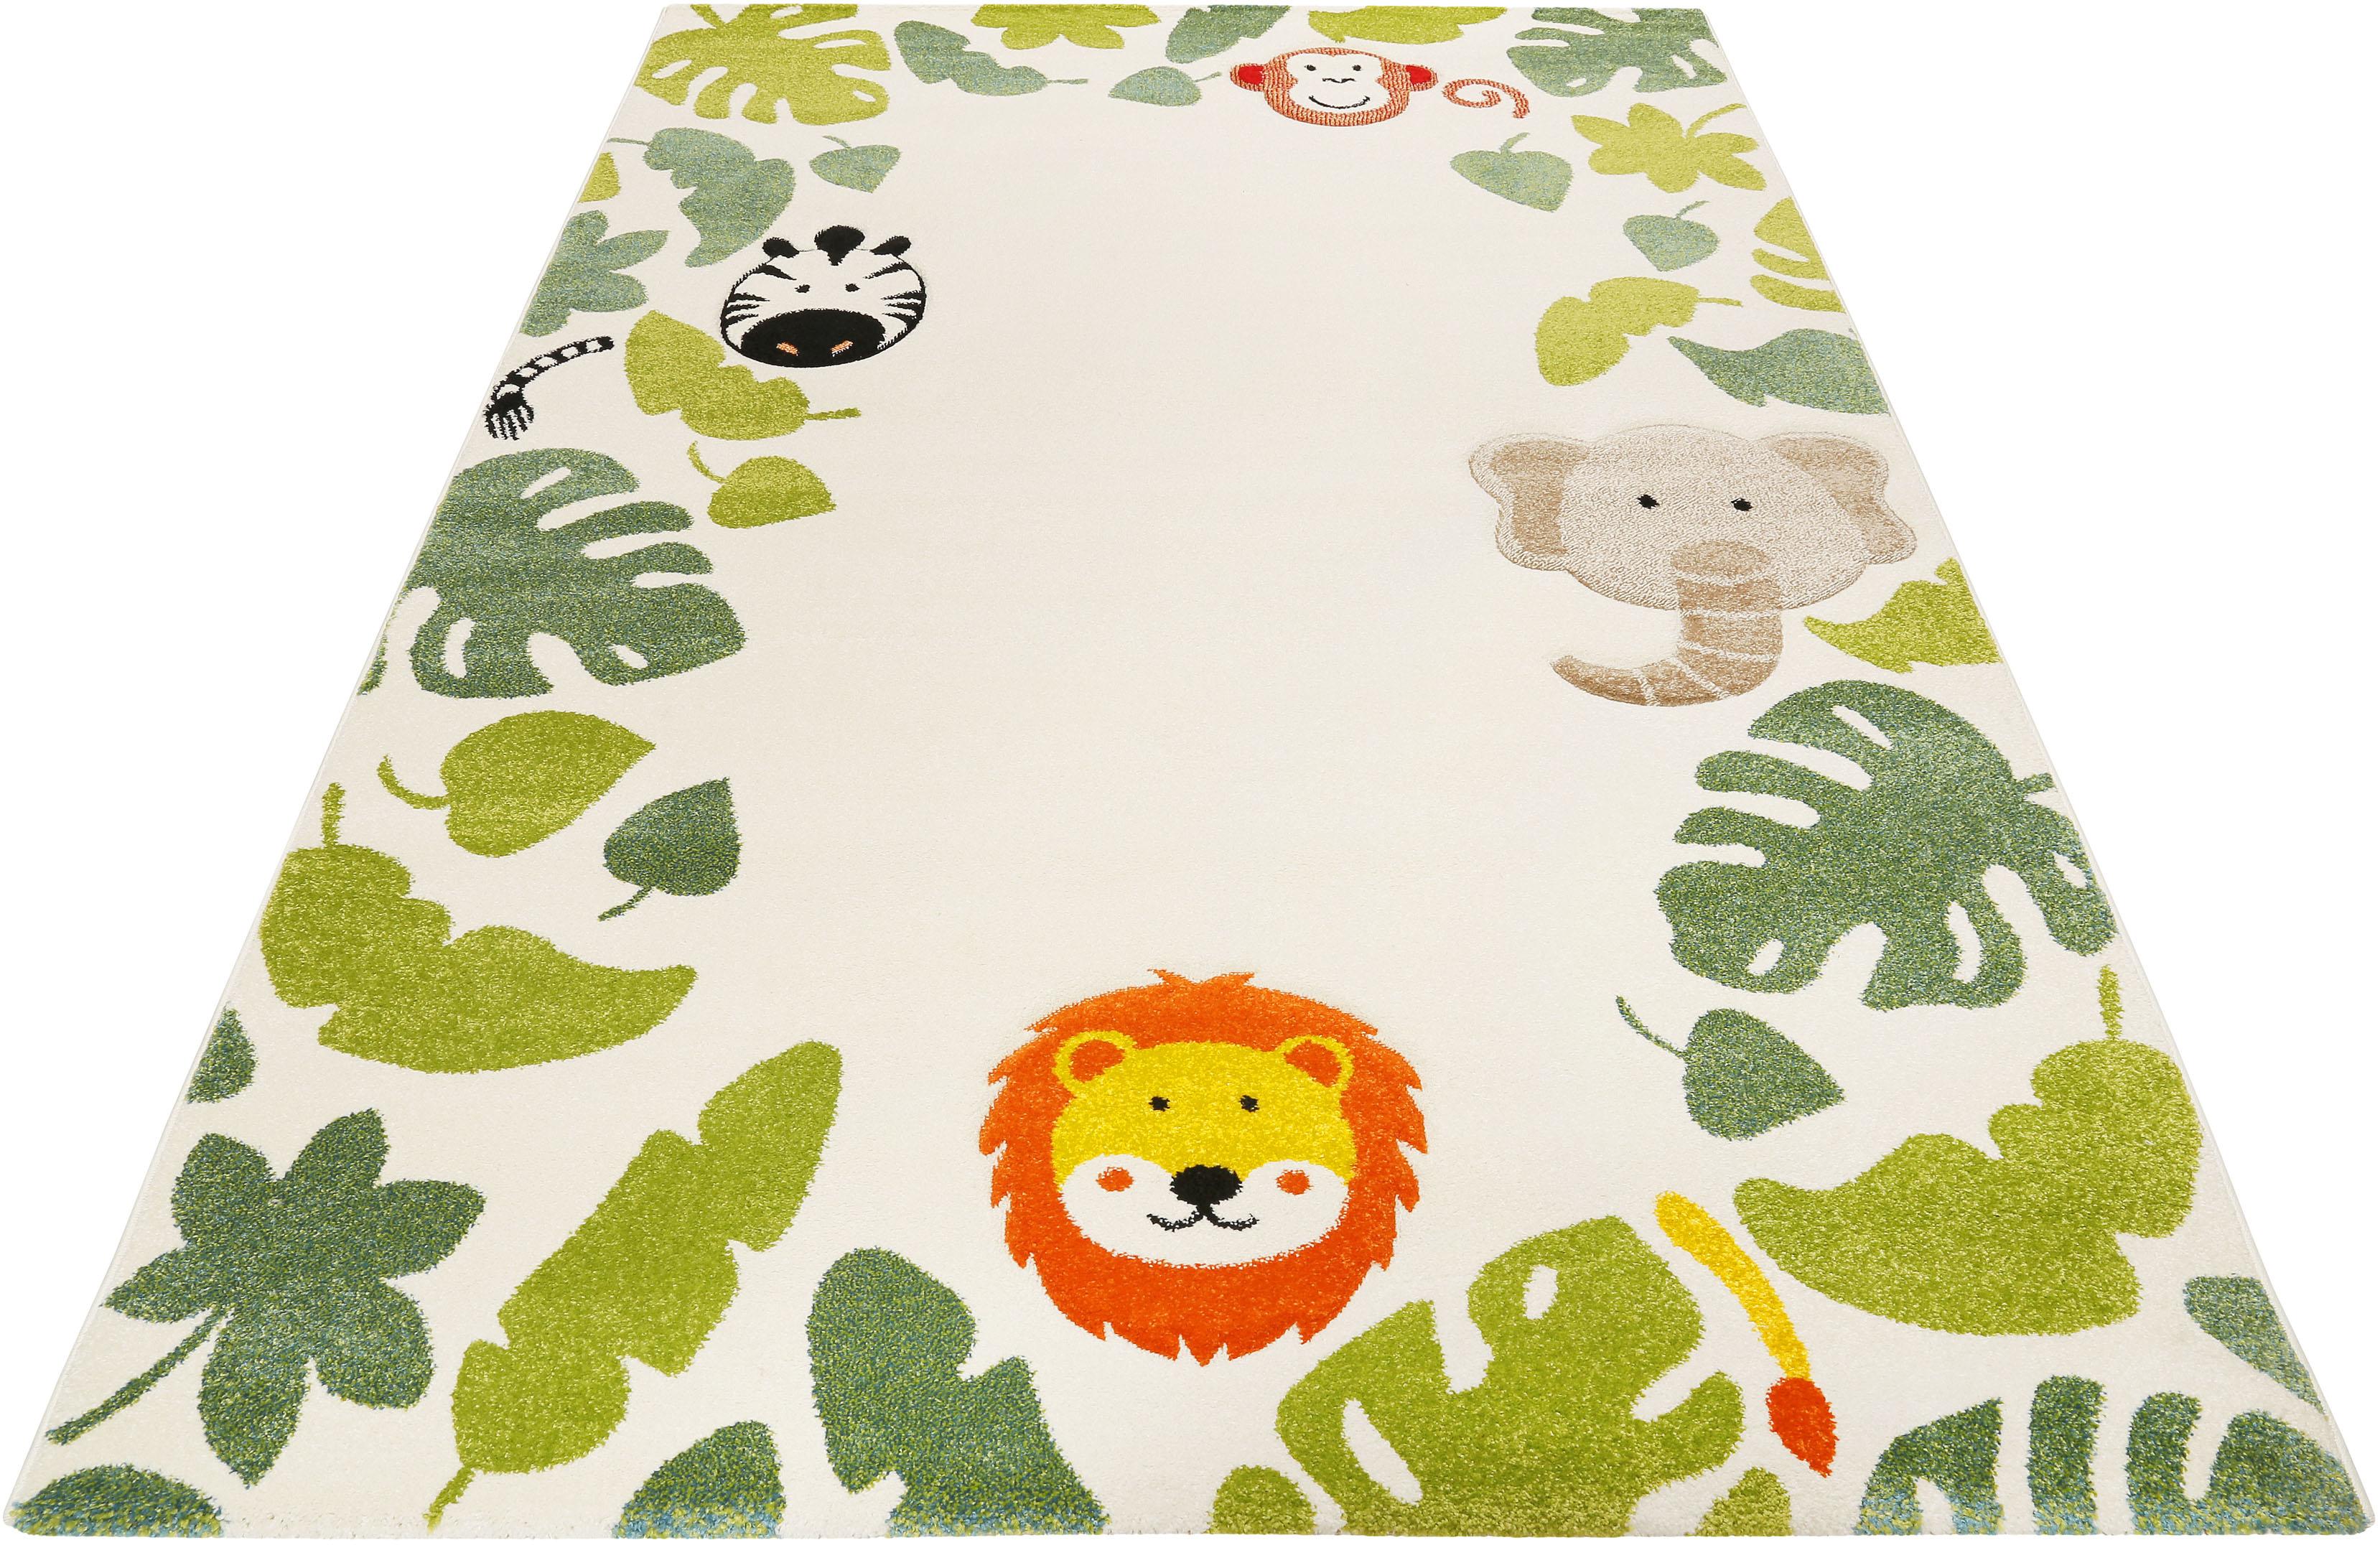 Esprit Kinderteppich E-Safari, rechteckig, 13 mm Höhe, Motiv Dschungel Tiere weiß Kinder Bunte Kinderteppiche Teppiche